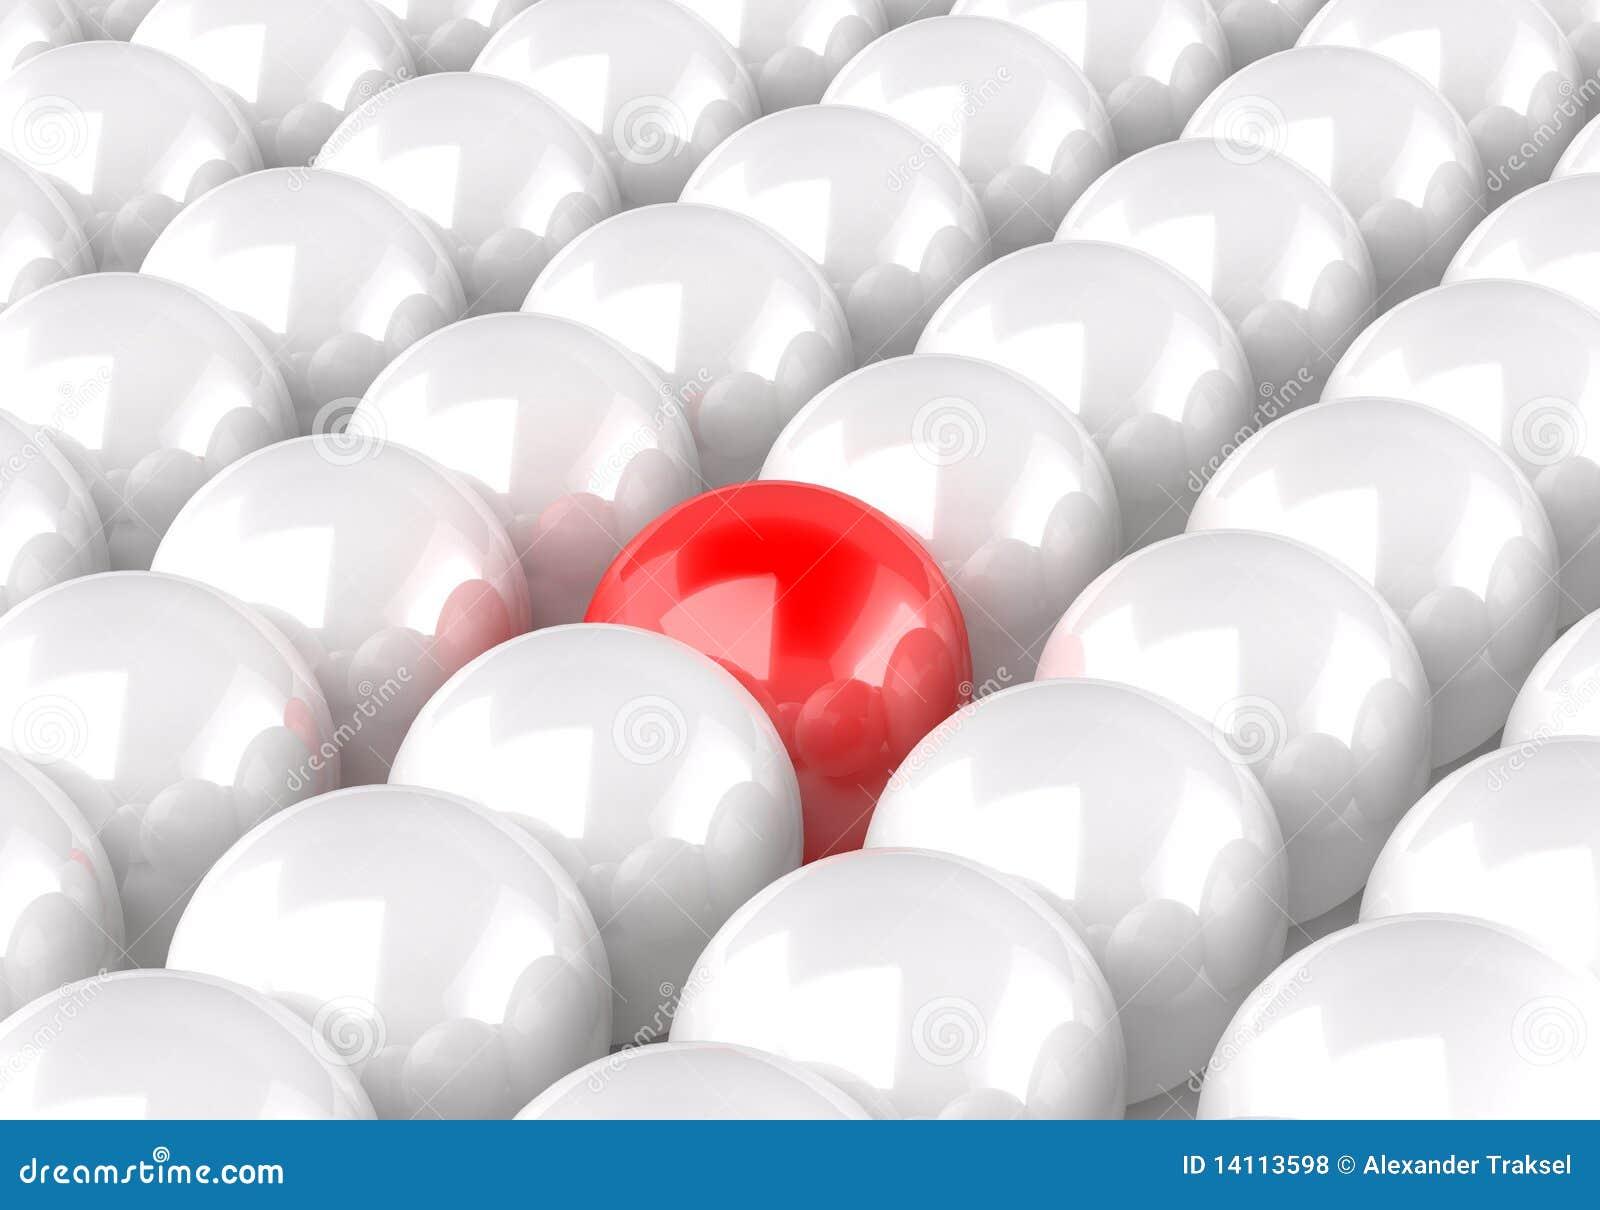 τρισδιάστατες σφαίρες μέσα σε ένα κόκκινο που καθιστά άσπρο